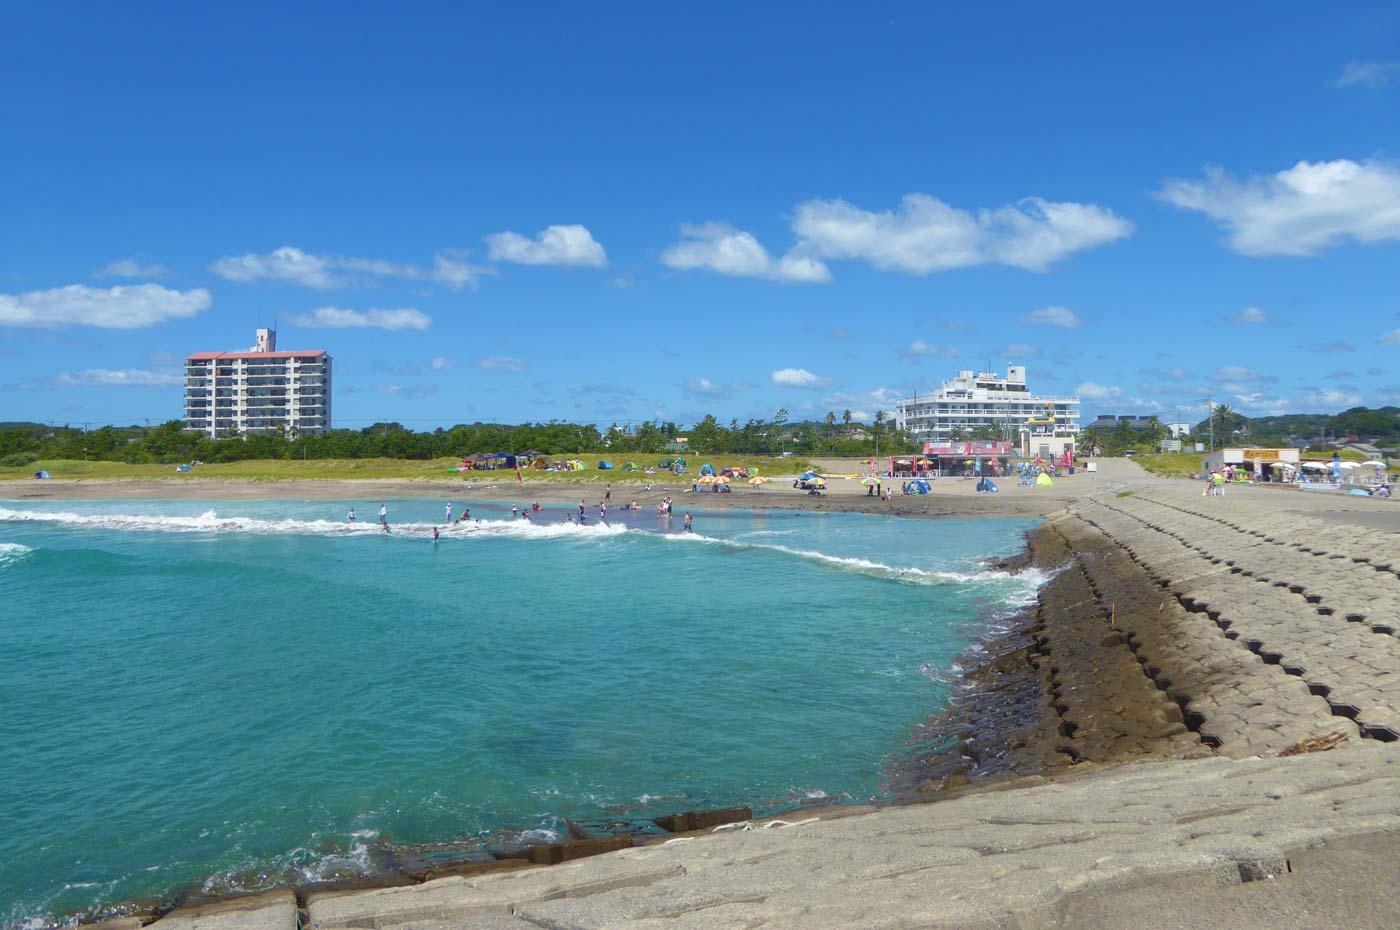 瀬戸浜海水浴場 右側のビーチ